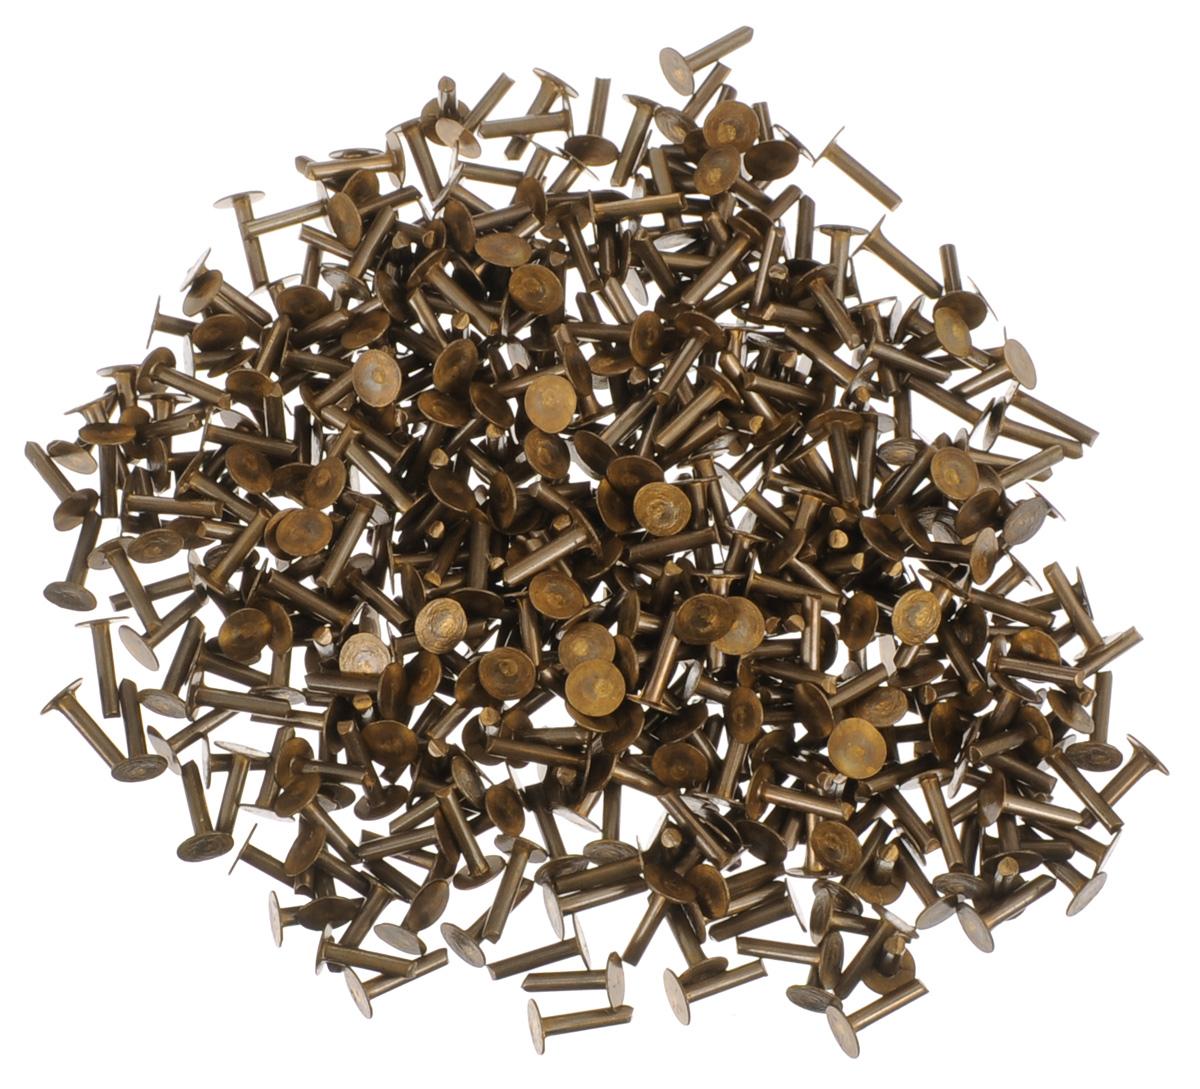 Заклепка Vintaj, с плоской шляпкой, длина 6 мм, 480 штRV010Набор Vintaj, состоящий из 480 заклепок,используется в изготовлении креативных авторских украшений, при изготовлении накладных элементов на крупные кабошоны или многомерные кулоны. Также можно использовать с разными материалами: металл, кожа, пластмасса и многое другое. Заклепки разнообразят вашу работу и добавят вдохновения для новых идей. Длина заклепки: 3 мм.